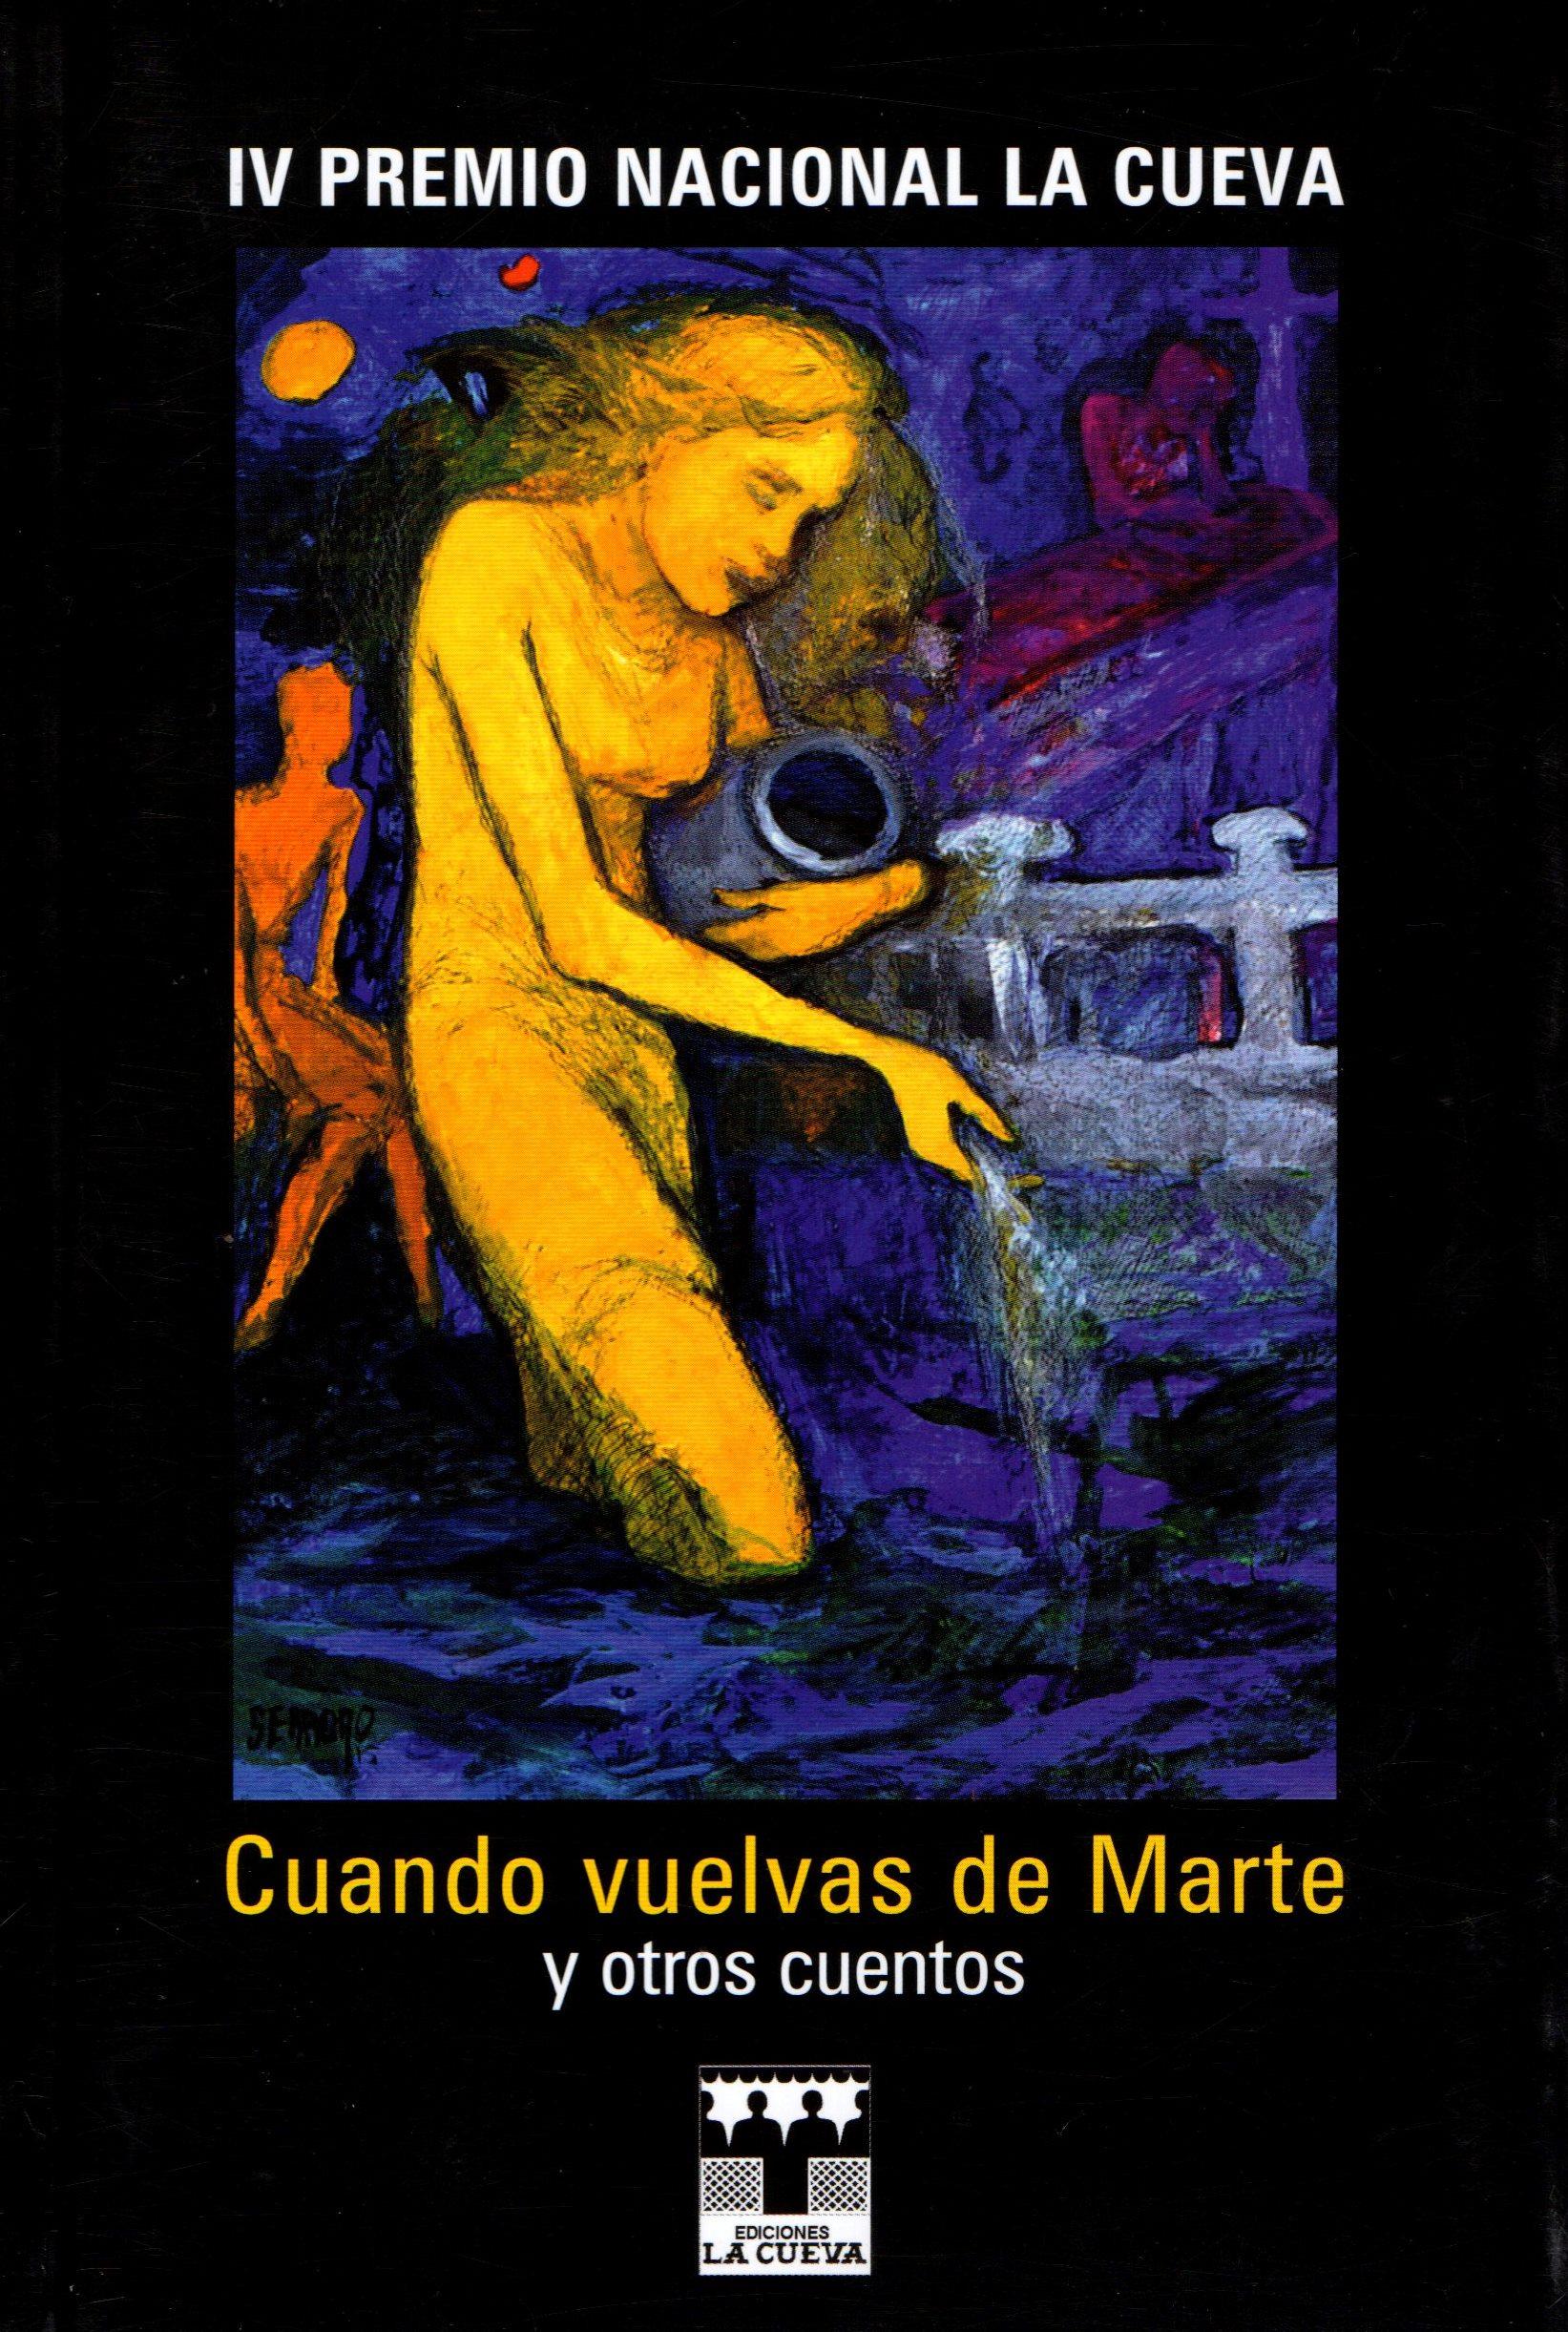 """IV PREMIO NACIONAL LA CUEVA """"CUANDO VUELVAS DE MARTE Y OTROS CUENTOS"""""""